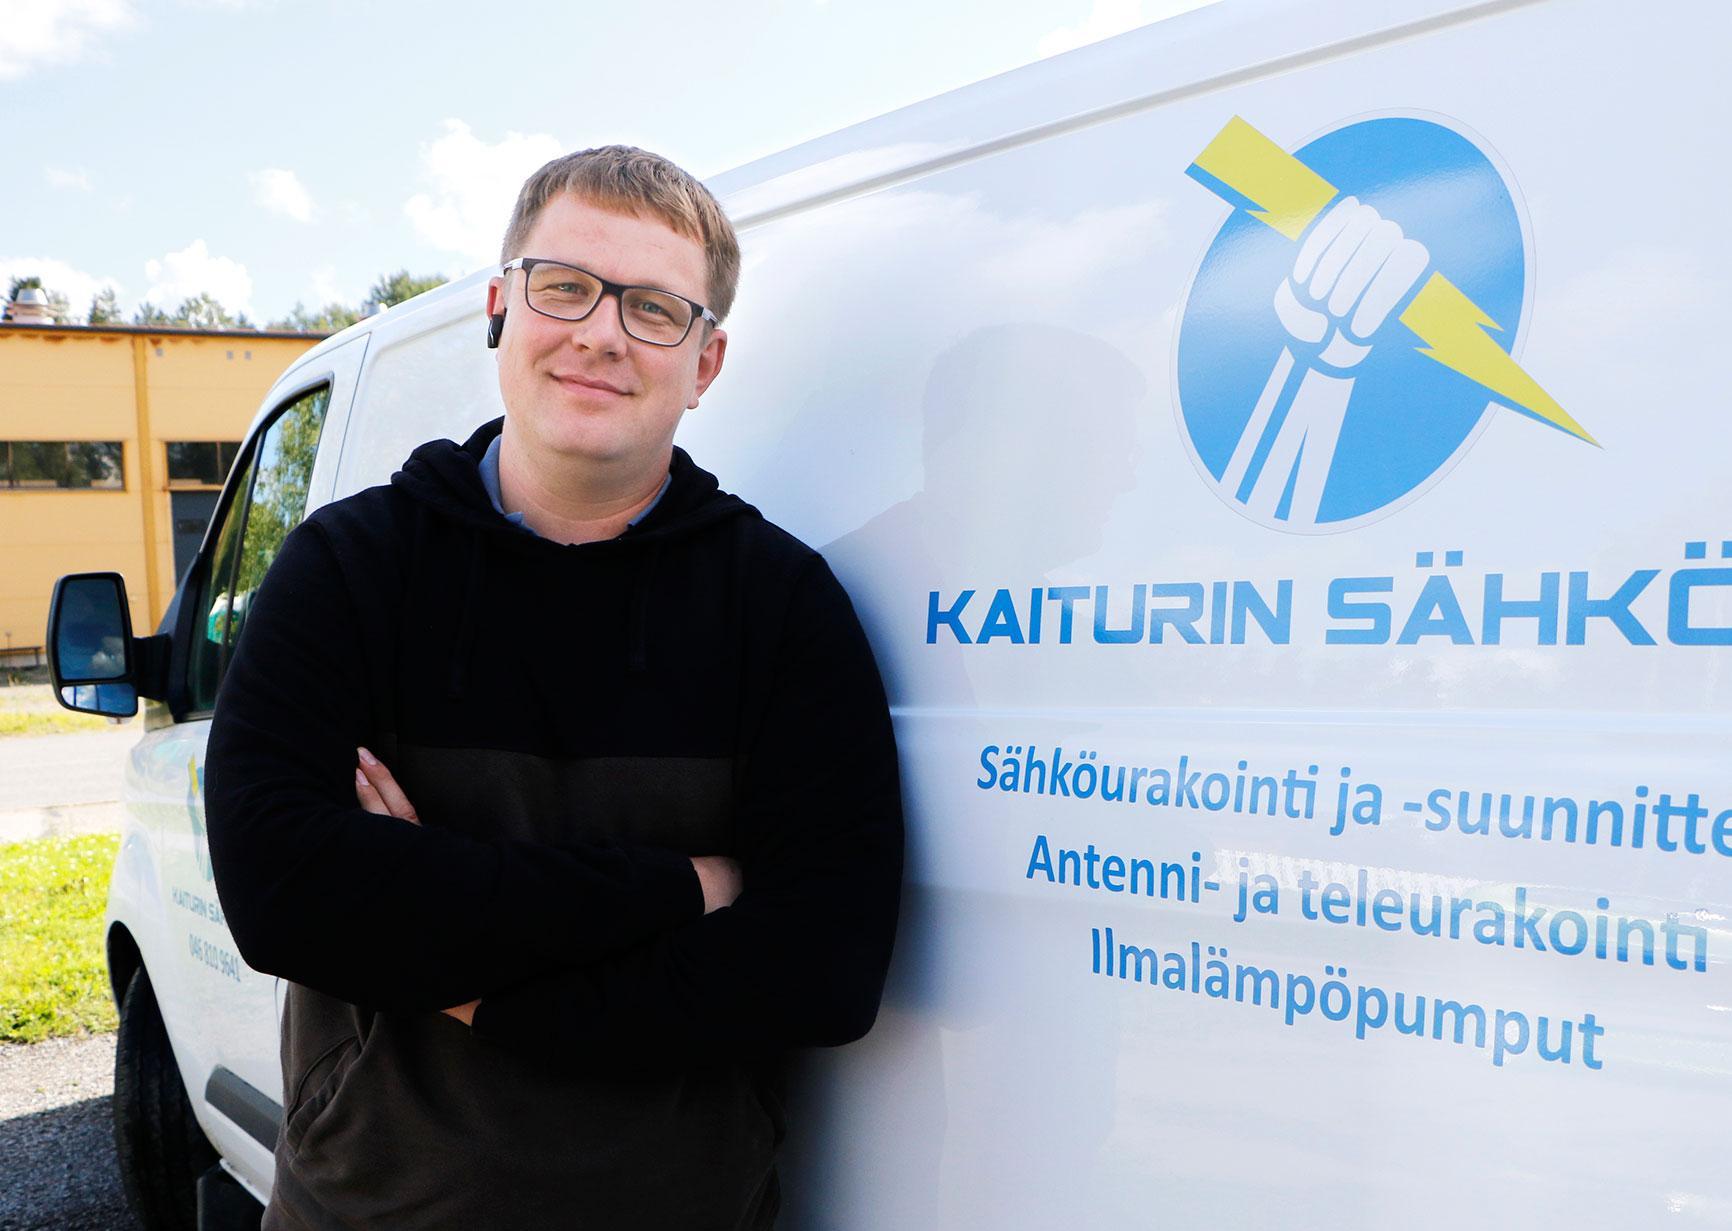 Esa Mäntylä suosittelee erityisesti lämmitysjärjestelmien toimivuuden tarkistusta ajoissa, ettei tule kiire lämmityskauden alettua.